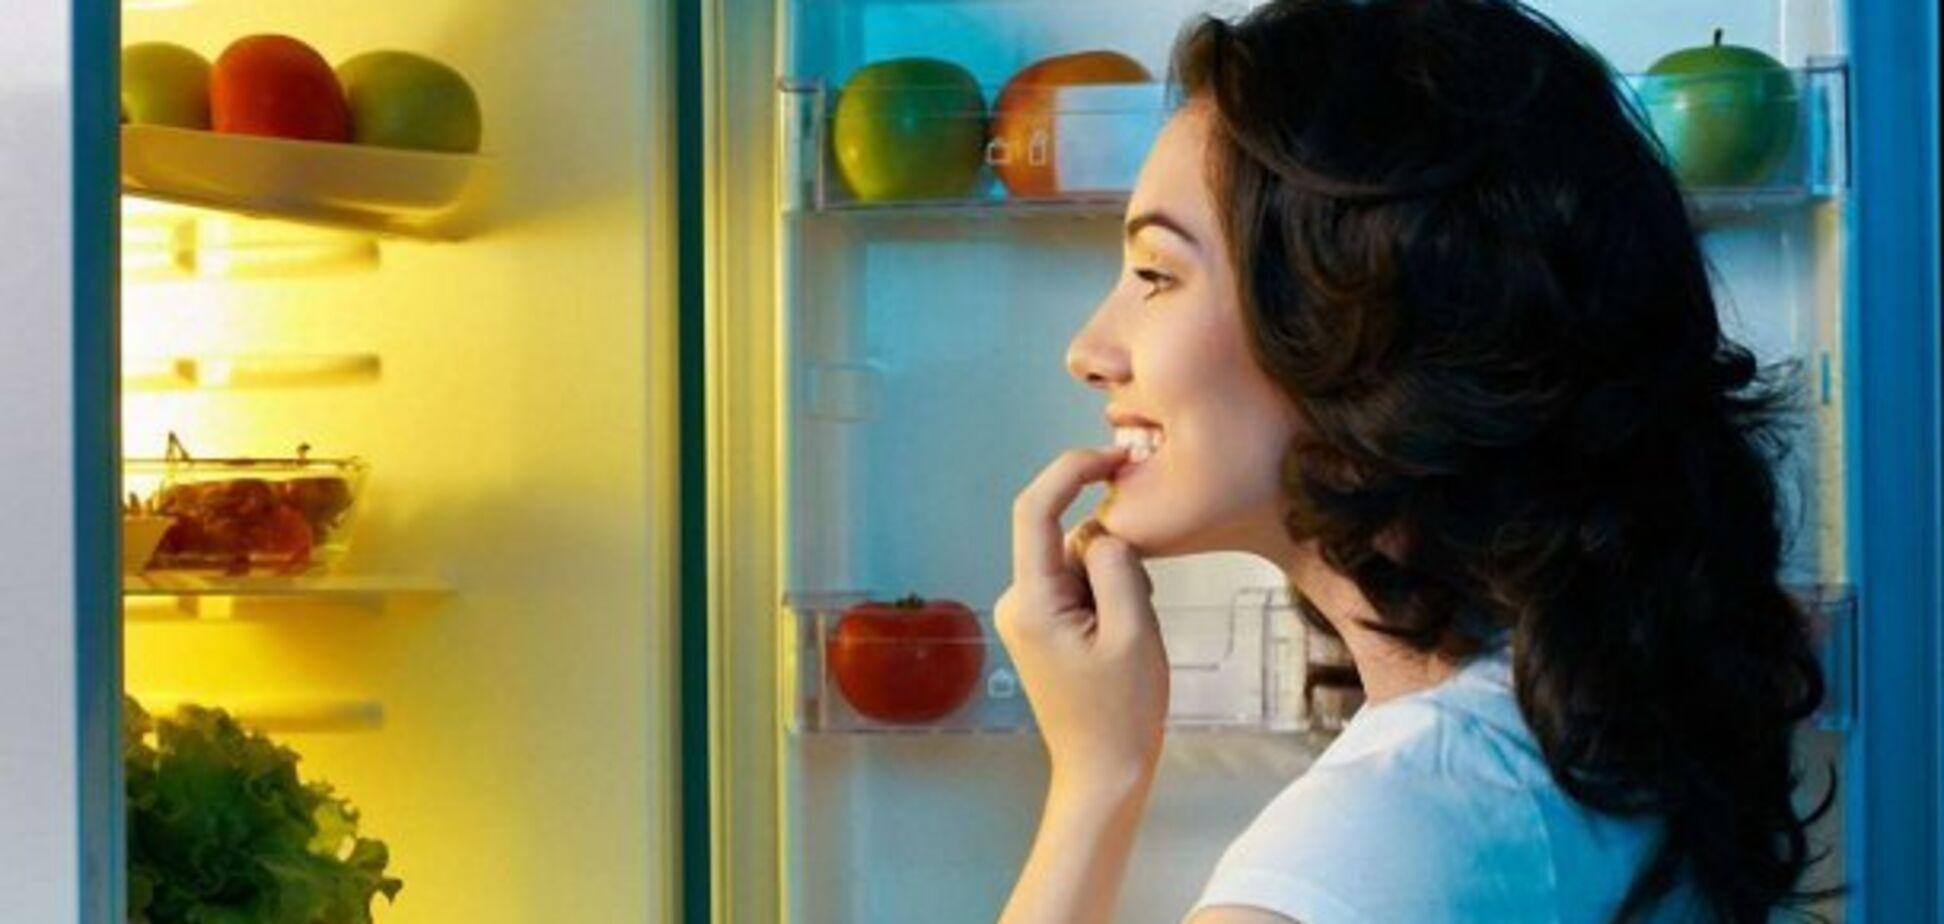 Названі продукти, які можна вживати перед сном